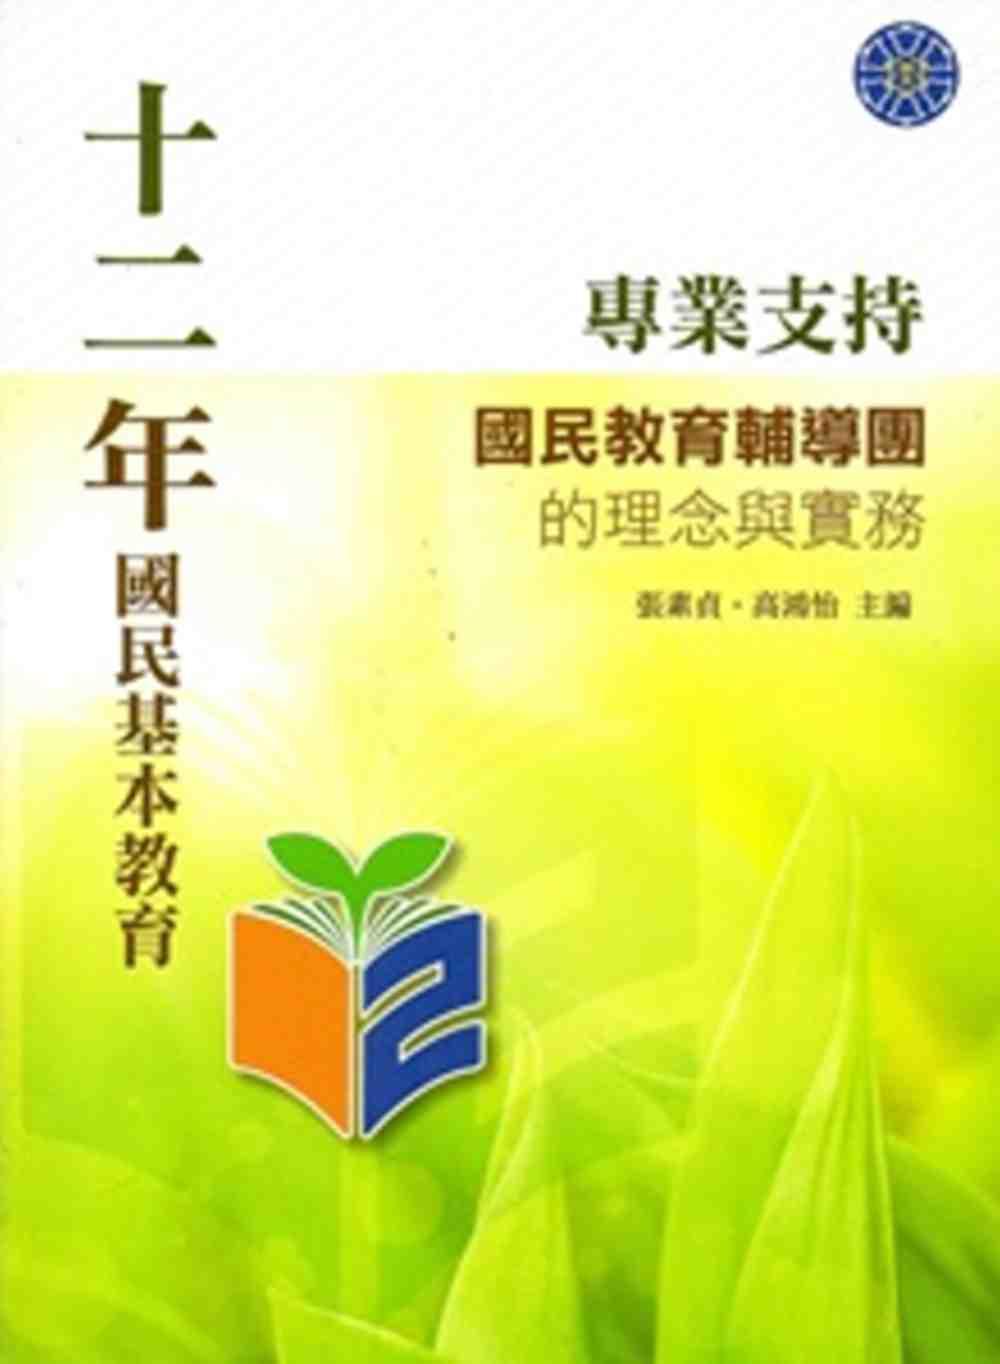 十二年國民基本教育專業支持:國民教育輔導團的理念與實踐